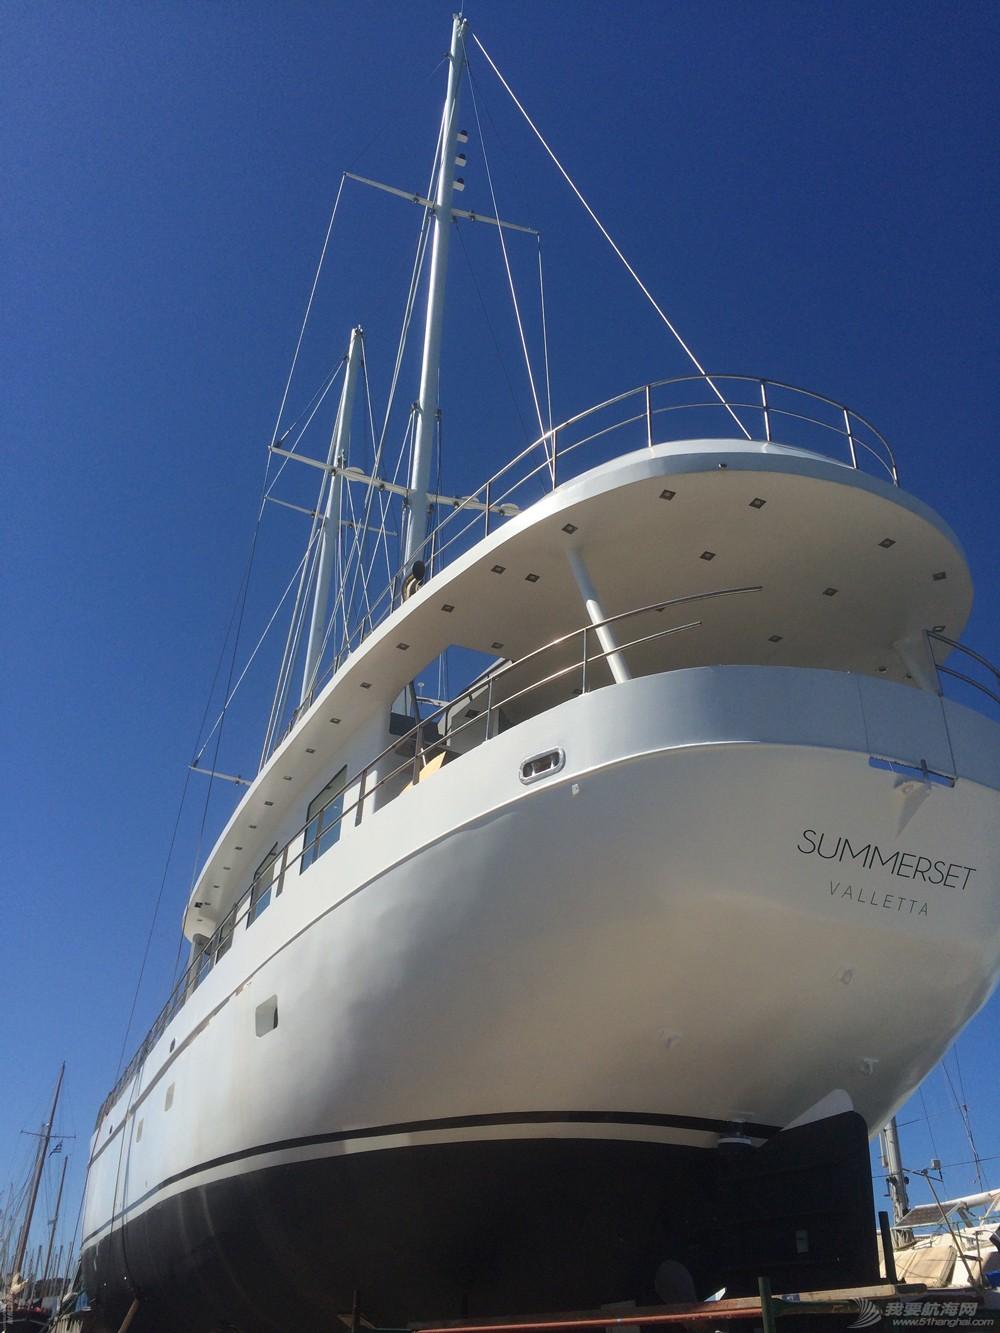 土耳其,按摩浴缸,工作人员,大西洋,发电机 看看这个土耳其货船改造的双桅杆帆船多漂亮 045213hqk27k88hkr7q807.jpg